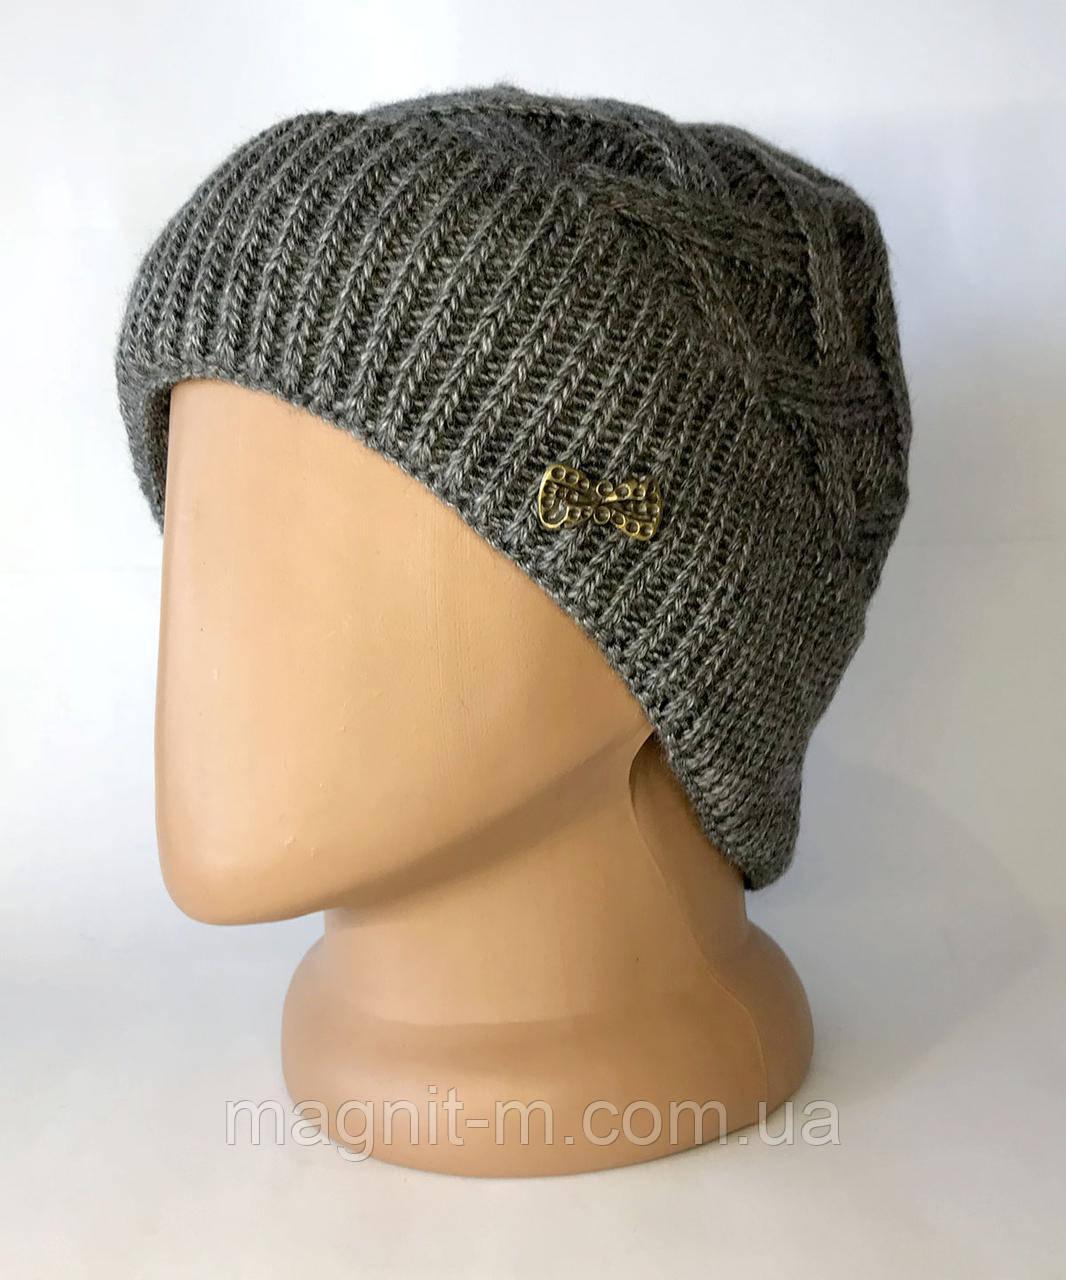 Жіноча шапка з відворотом. Візерунок косичка. Повністю на флісовій підкладці. Графіт